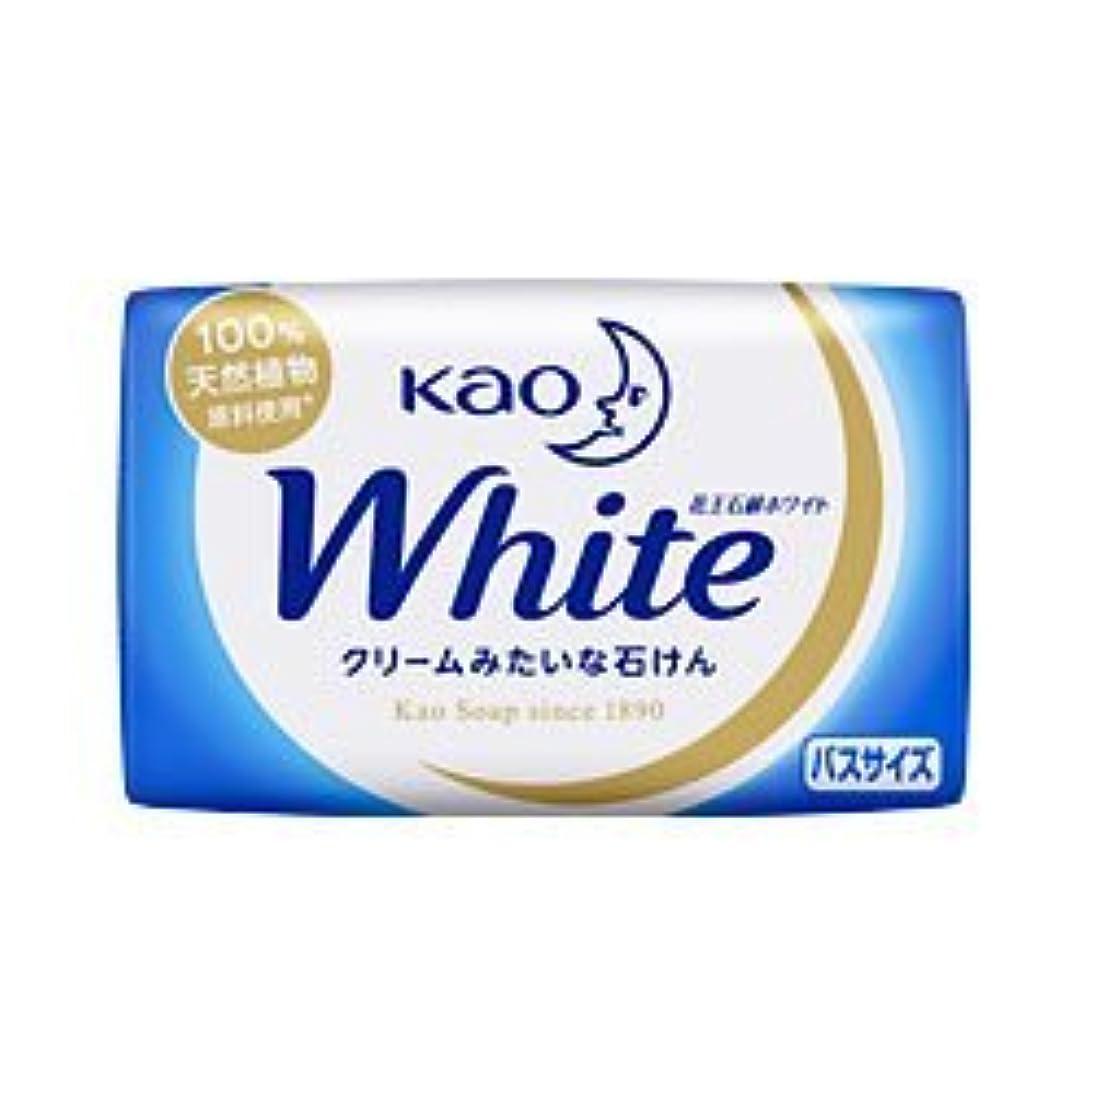 作成する密接にアルバニー【花王】花王ホワイト バスサイズ 1個 130g ×10個セット